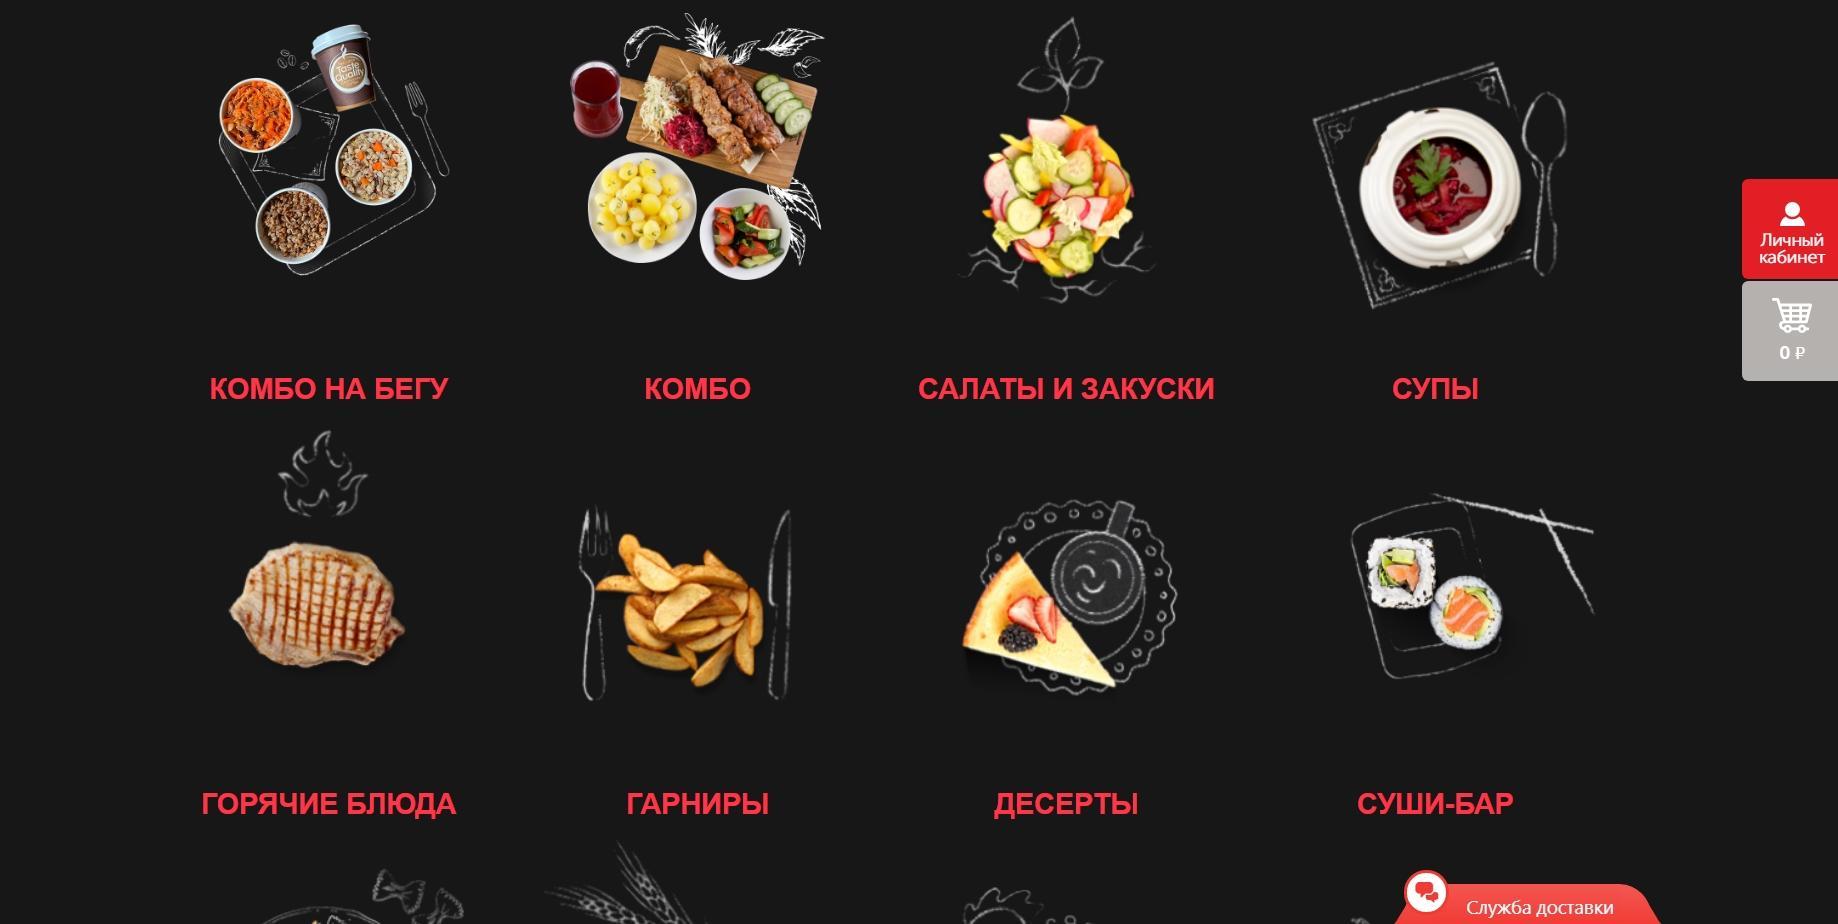 Выбор категории блюд